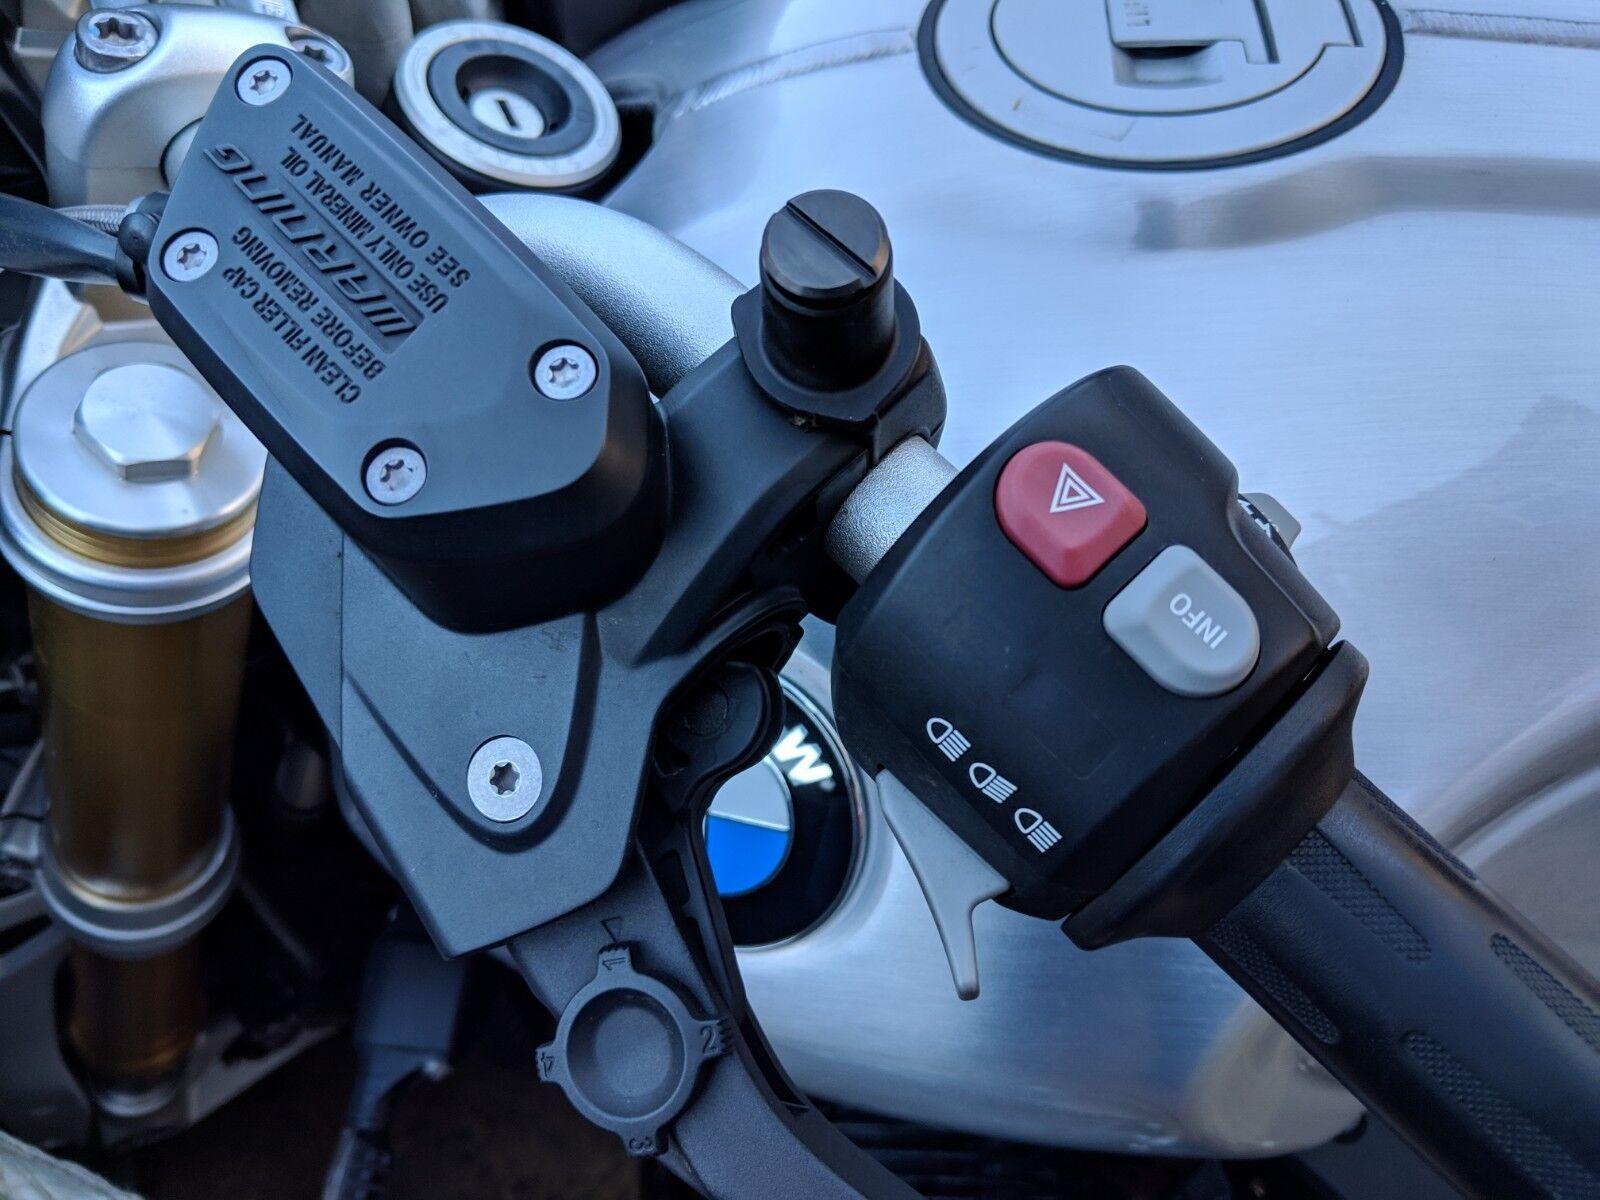 SUPERTECH GDE-HK55-I Valve Guides Honda Civic 2002-2009 Honda Accord 2003-2008 A